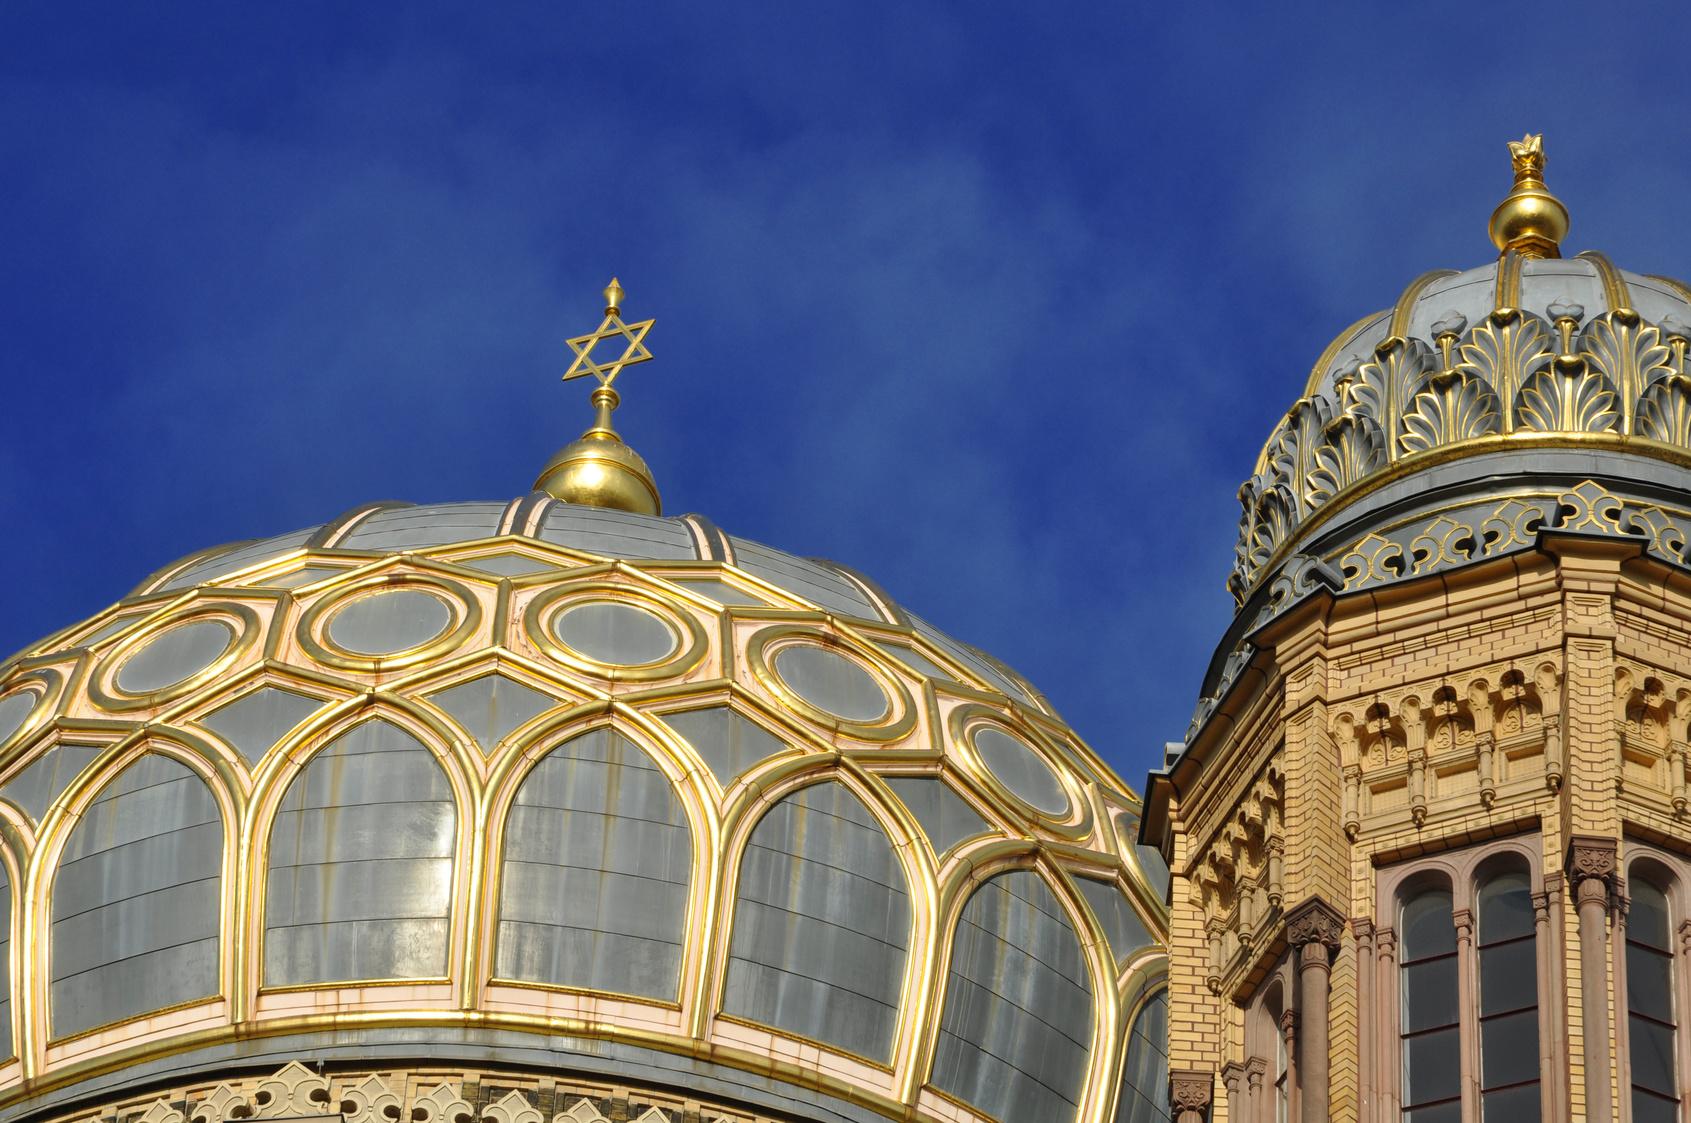 Jdische Synagoge Berlin